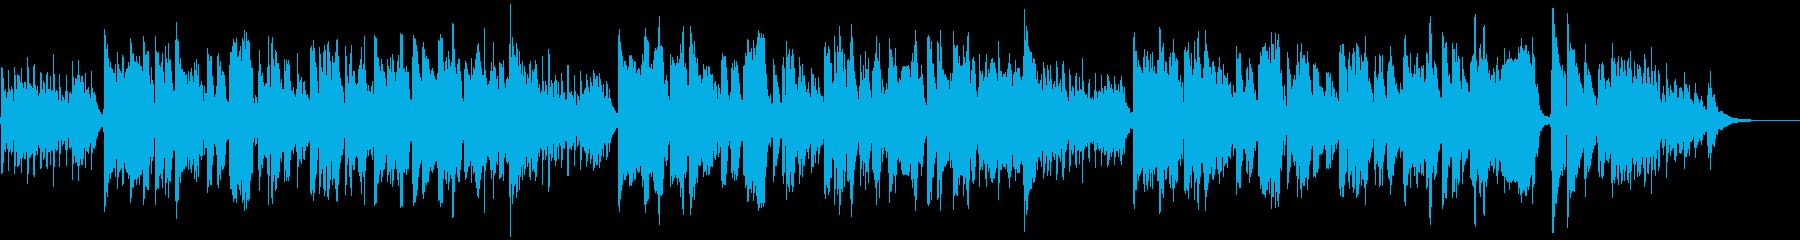 琴と尺八の和風な滝廉太郎の「花」の再生済みの波形